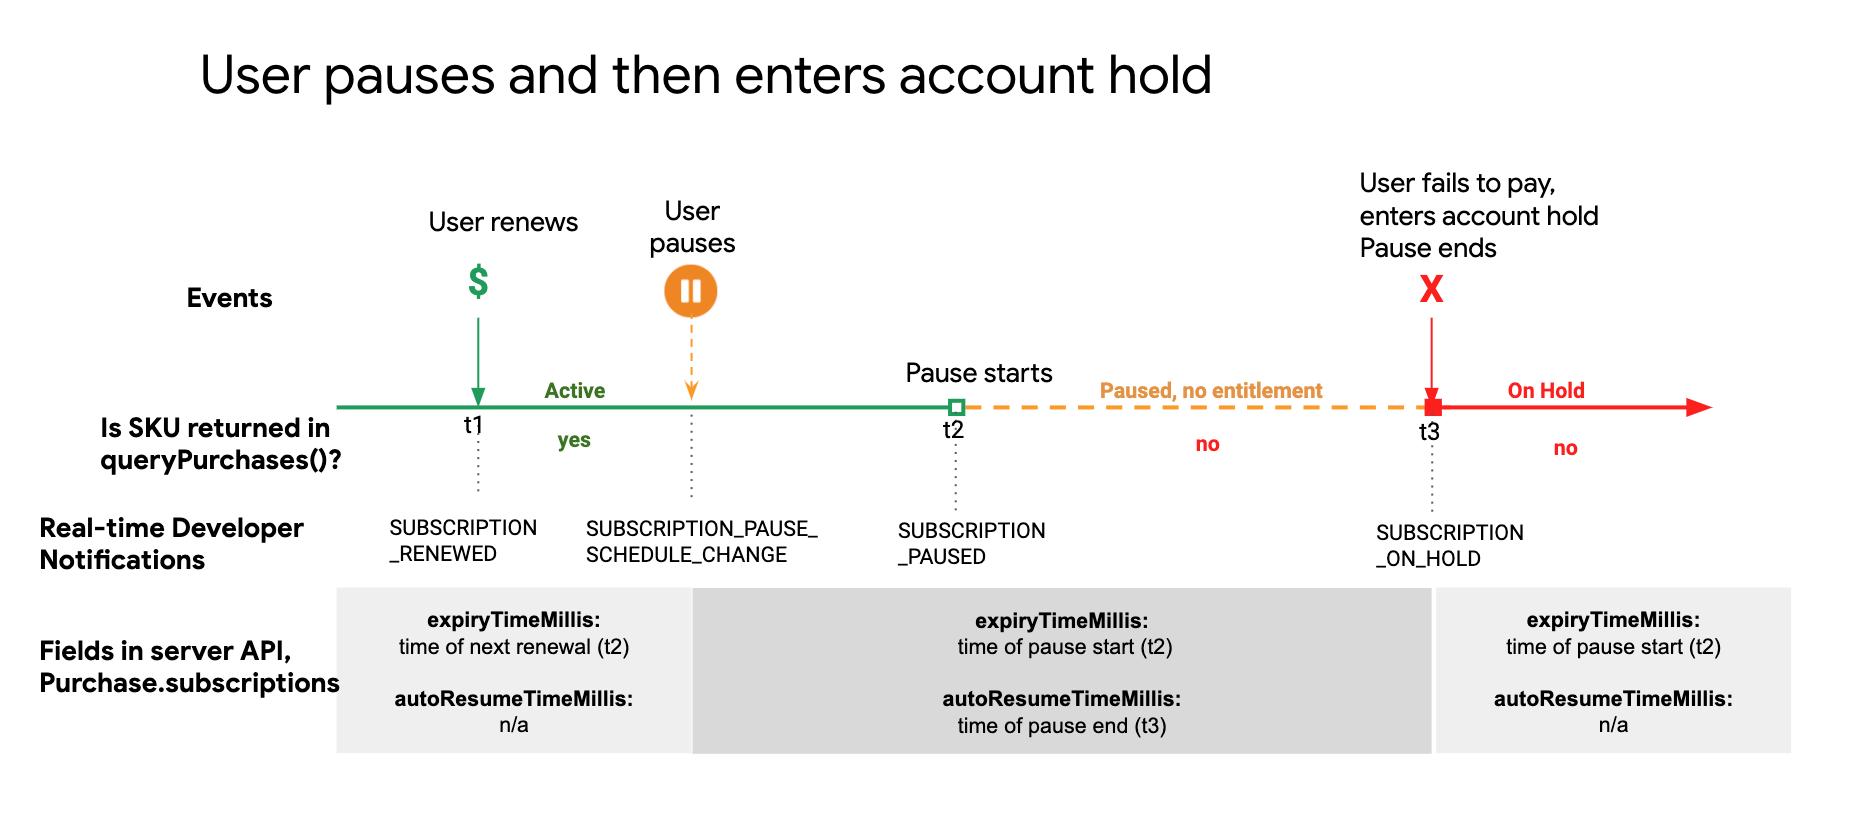 Um usuário faz uma pausa na assinatura, e a conta entra no estado de suspensão.